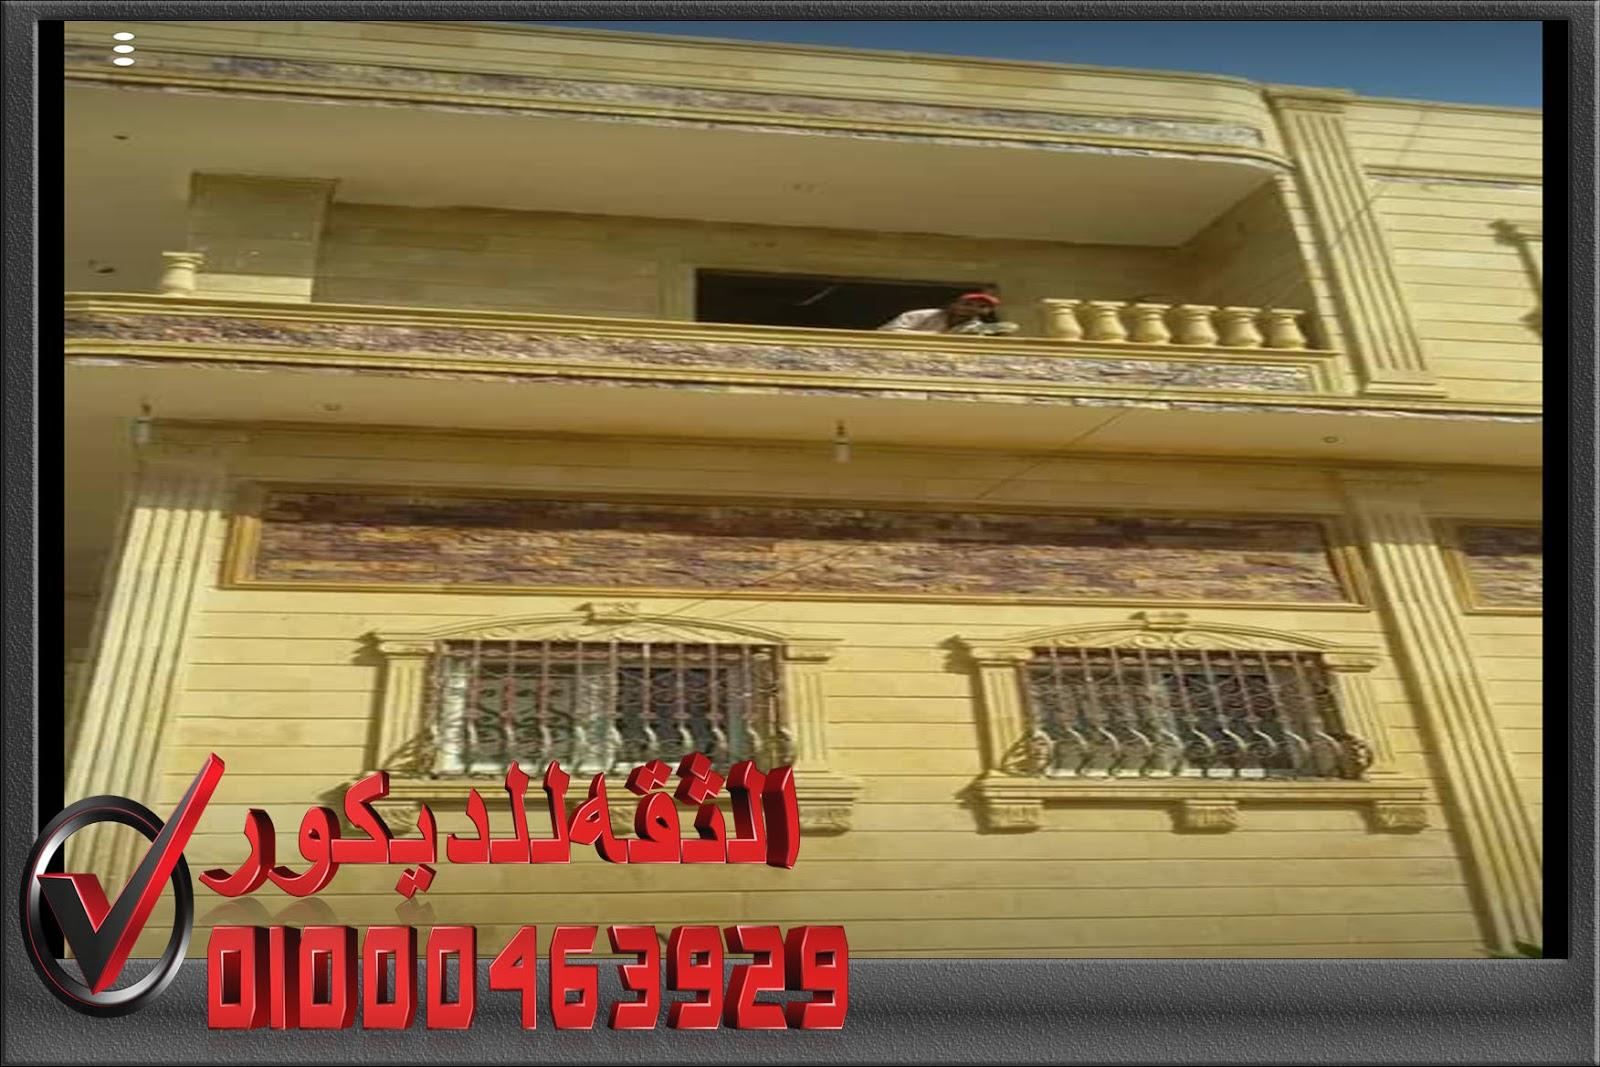 حجر هاشمي تركيب فلل حجر هاشمه في مصر 01000463929